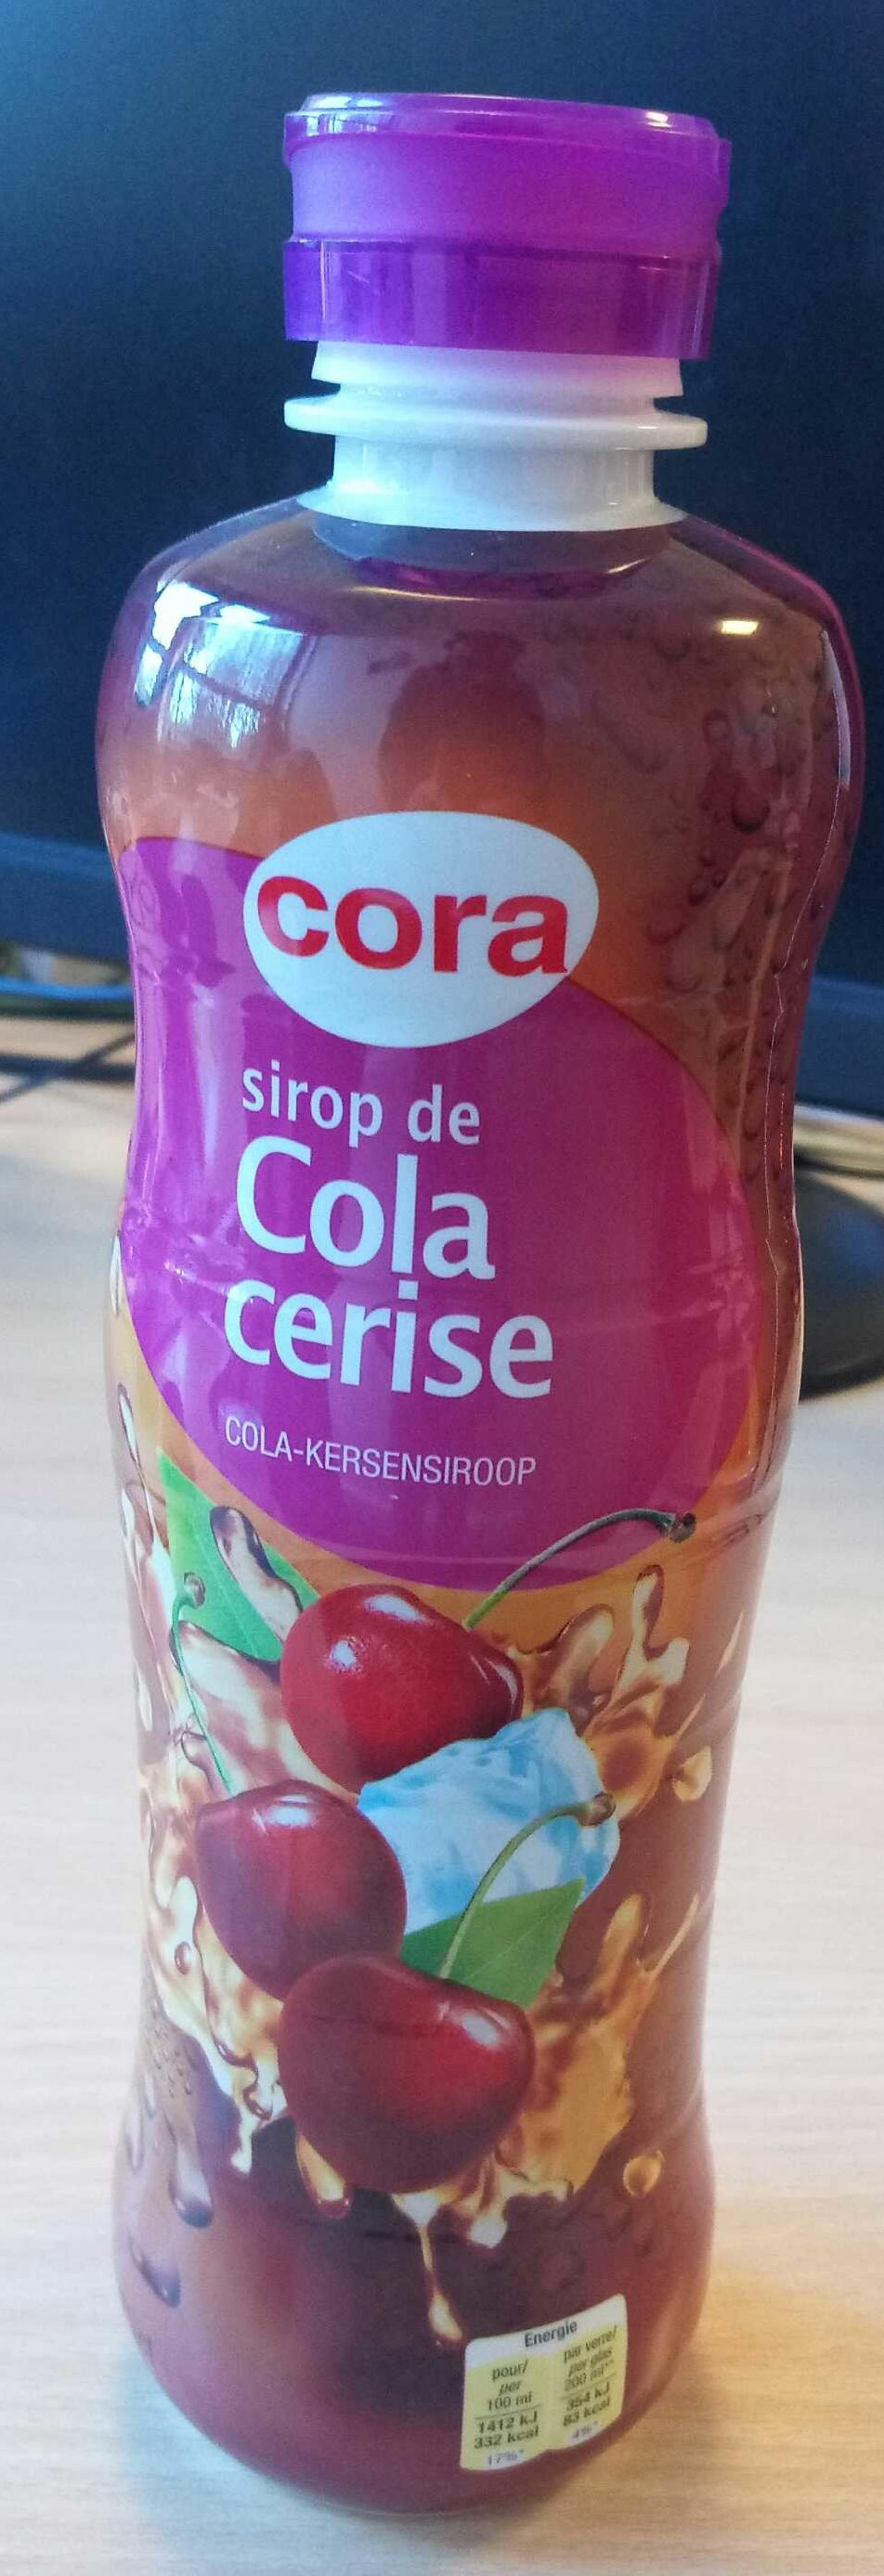 Sirop de Cola cerise - Product